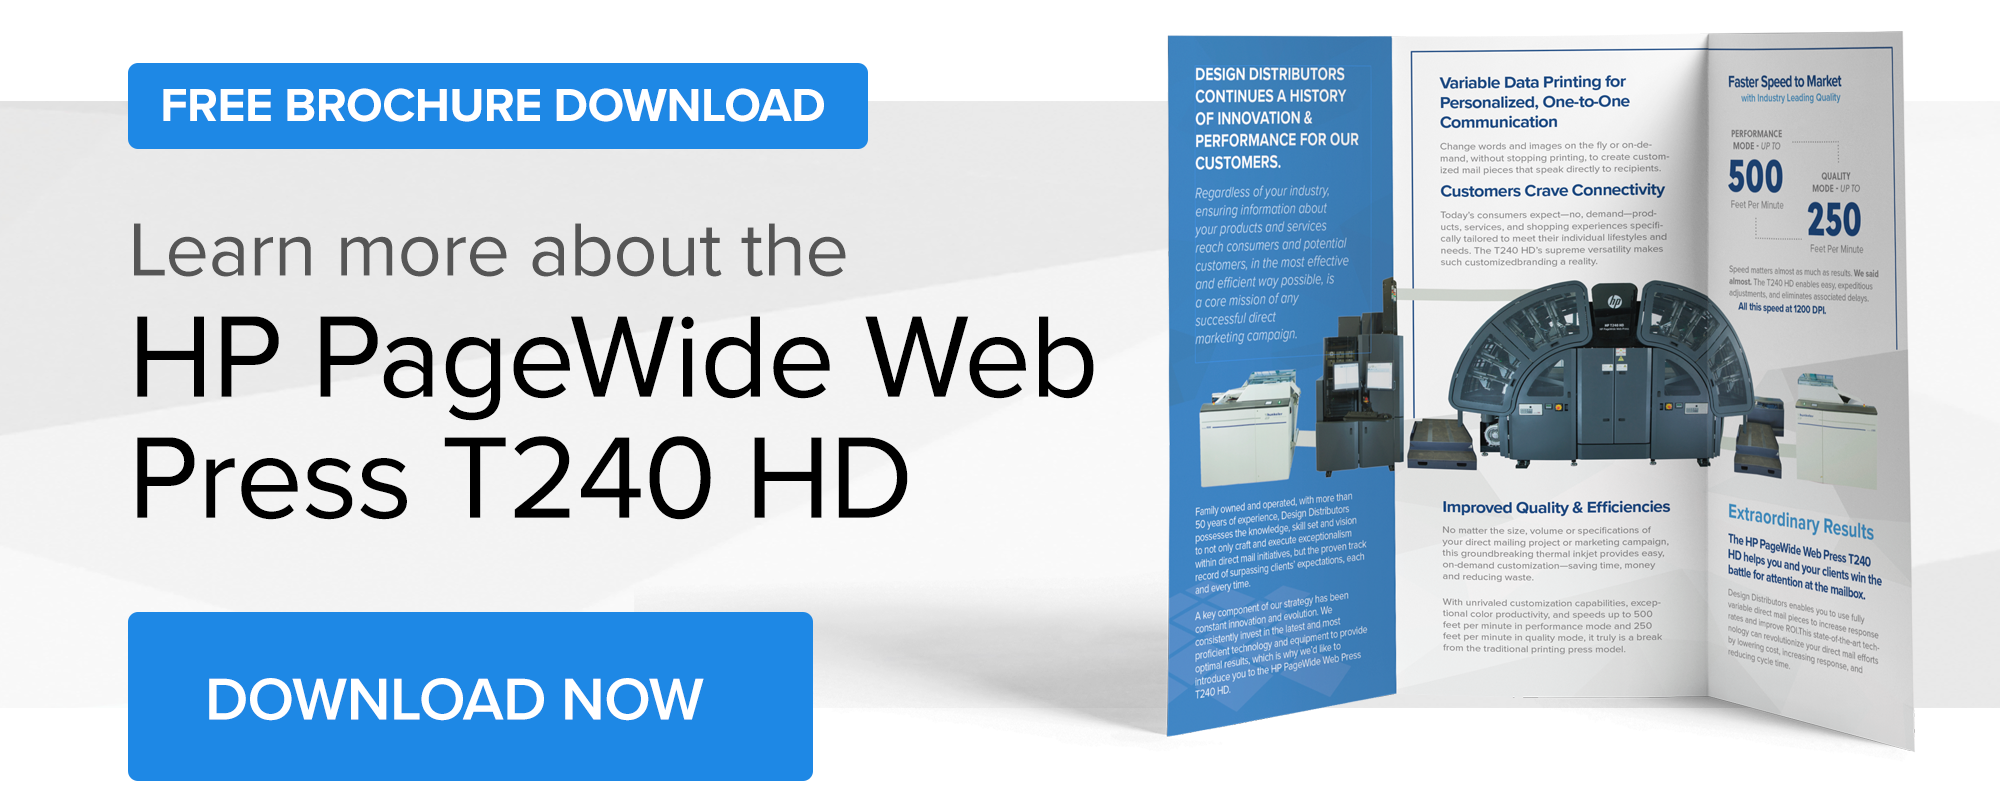 T240 Brochure Download